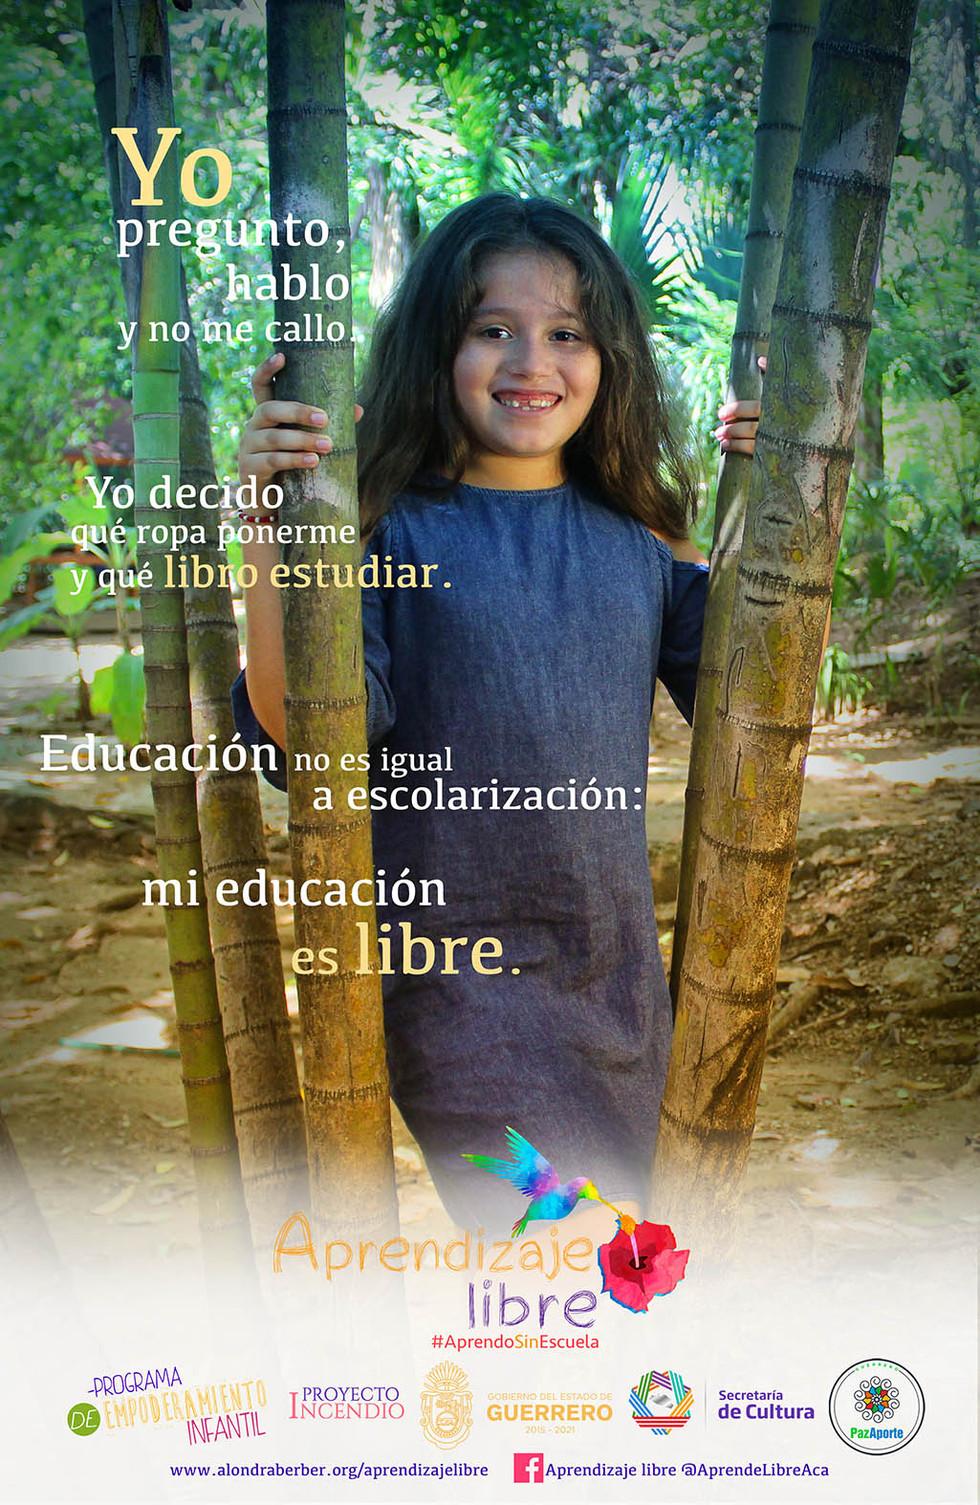 Surih Manjarrez, creadora de la campaña Aprendizaje Libre